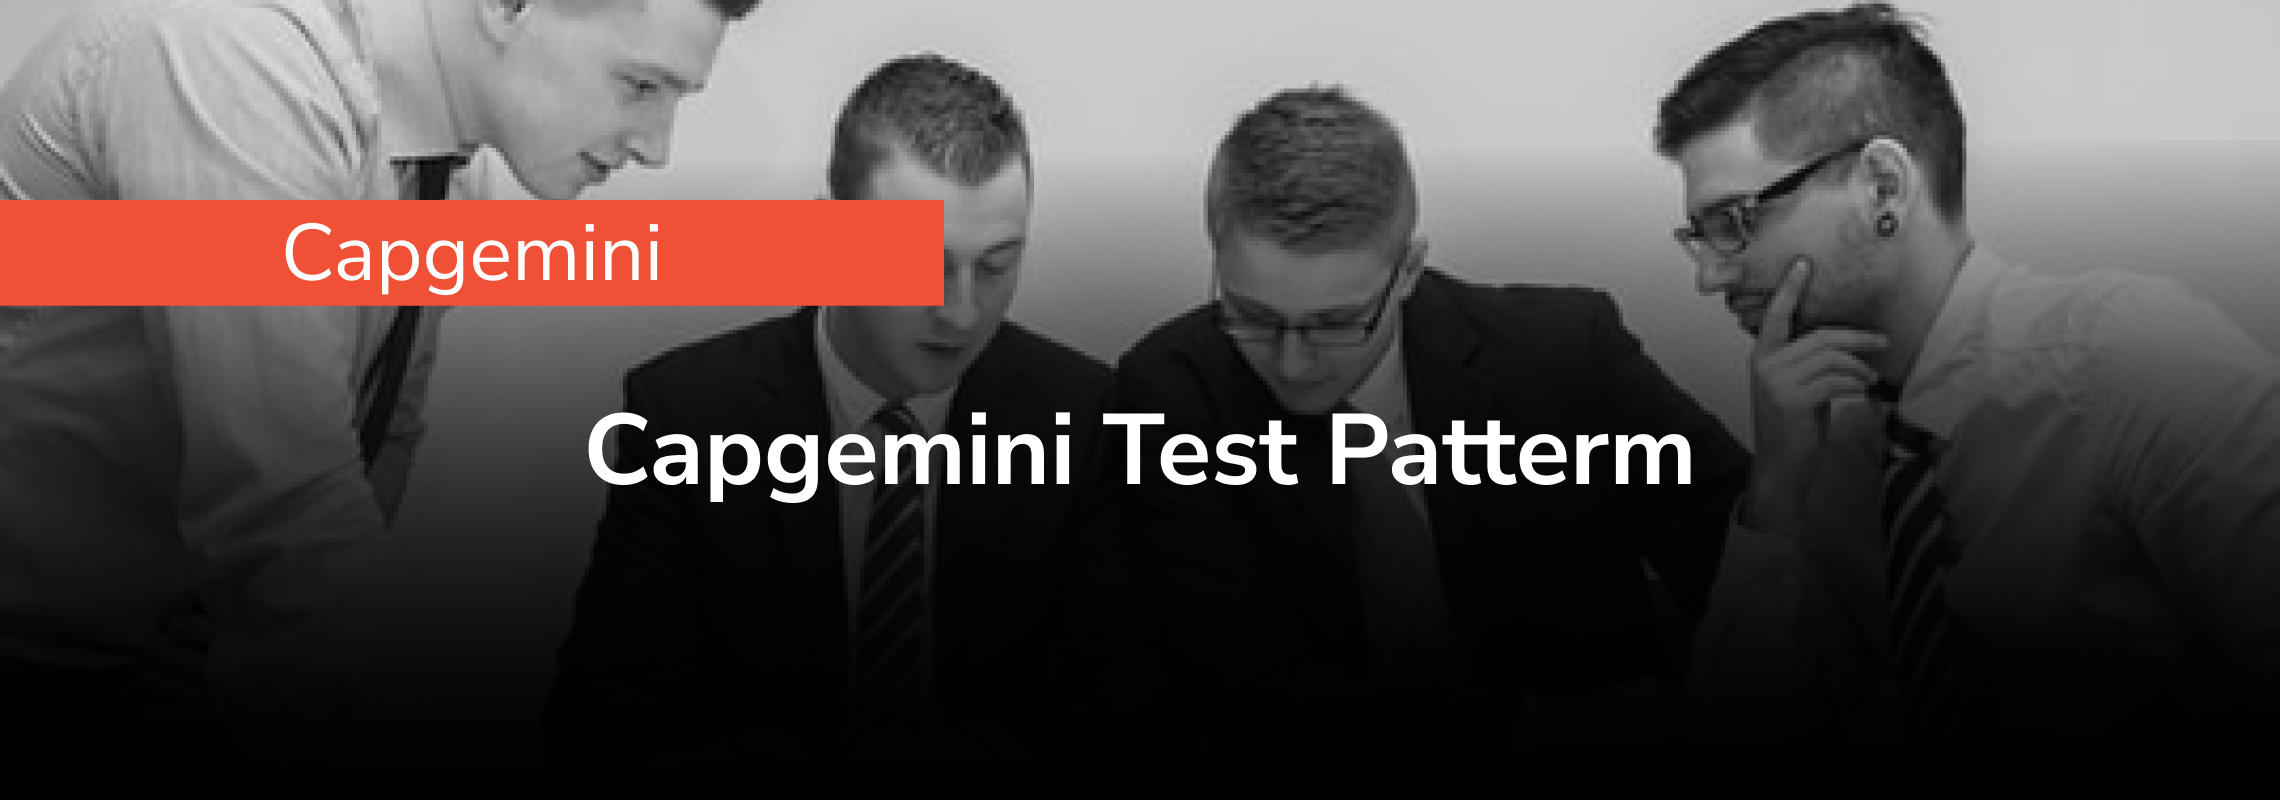 Capgemini Test Pattern 2021 for Online Test